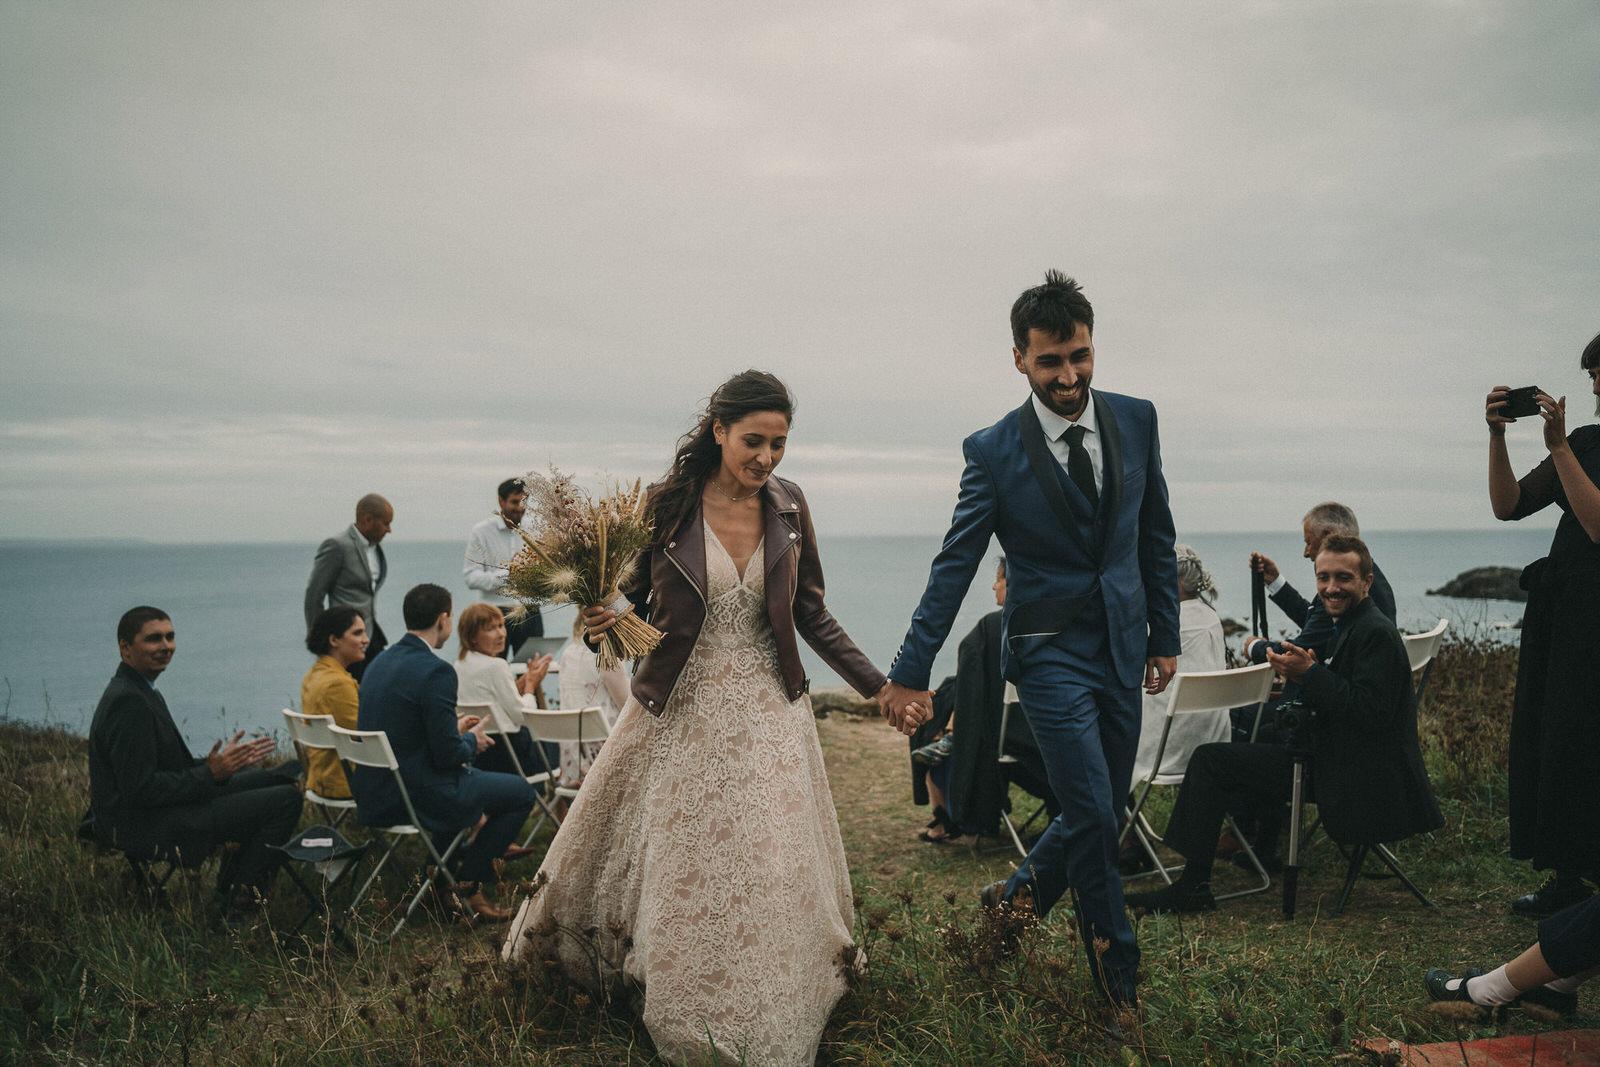 12915 Mariage Intime Élopement En Bord De Mer En Bretagne Rebecca Clement À Plougonvelin Www.antoineborzeix.fr , Photographe & Videaste à Brest / Finistère